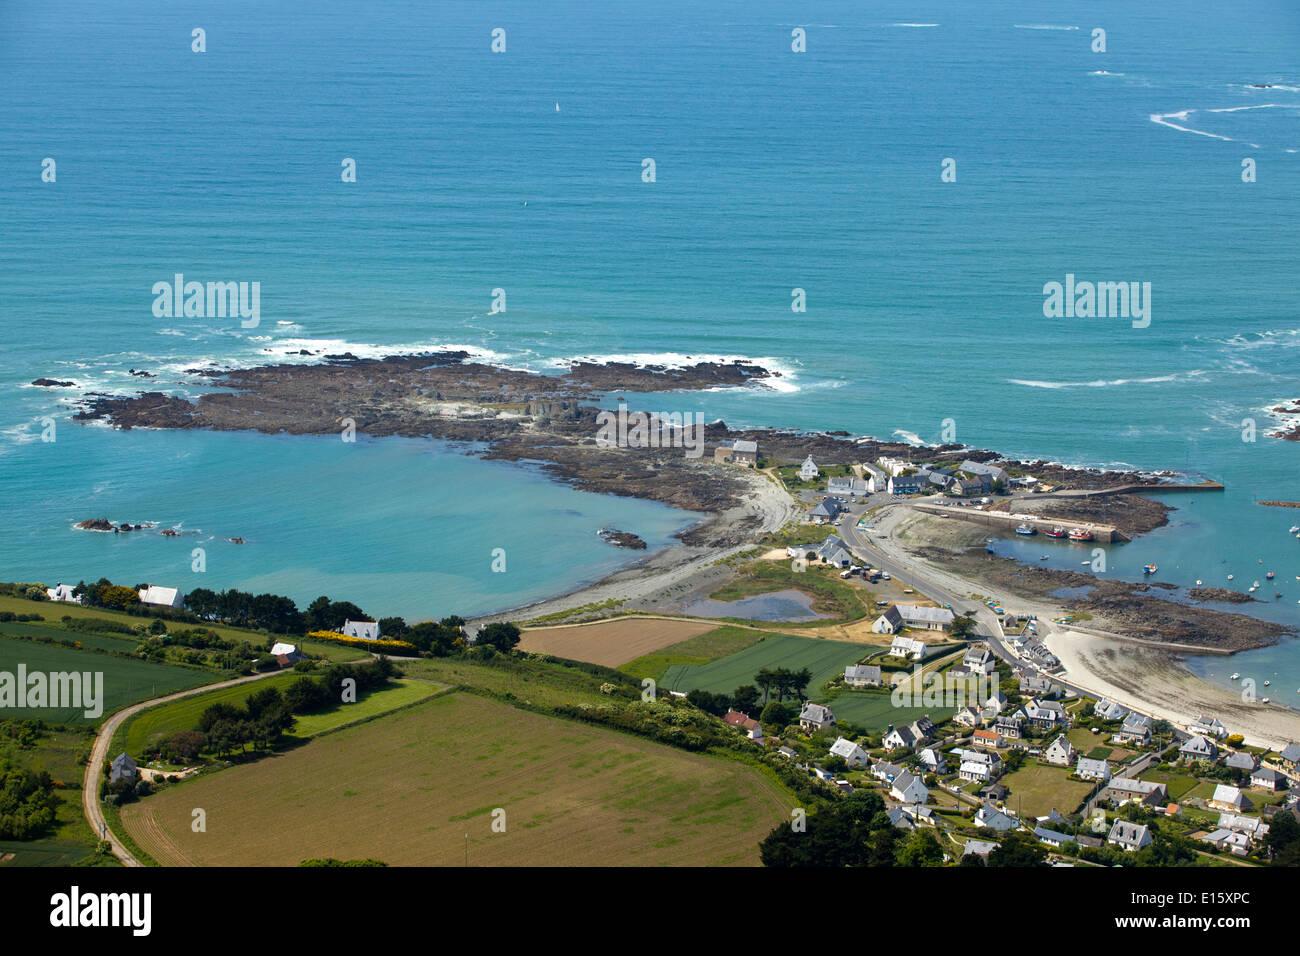 Trédrez-Locquémeau (Côtes d'Armor department): aerial view Stock Photo